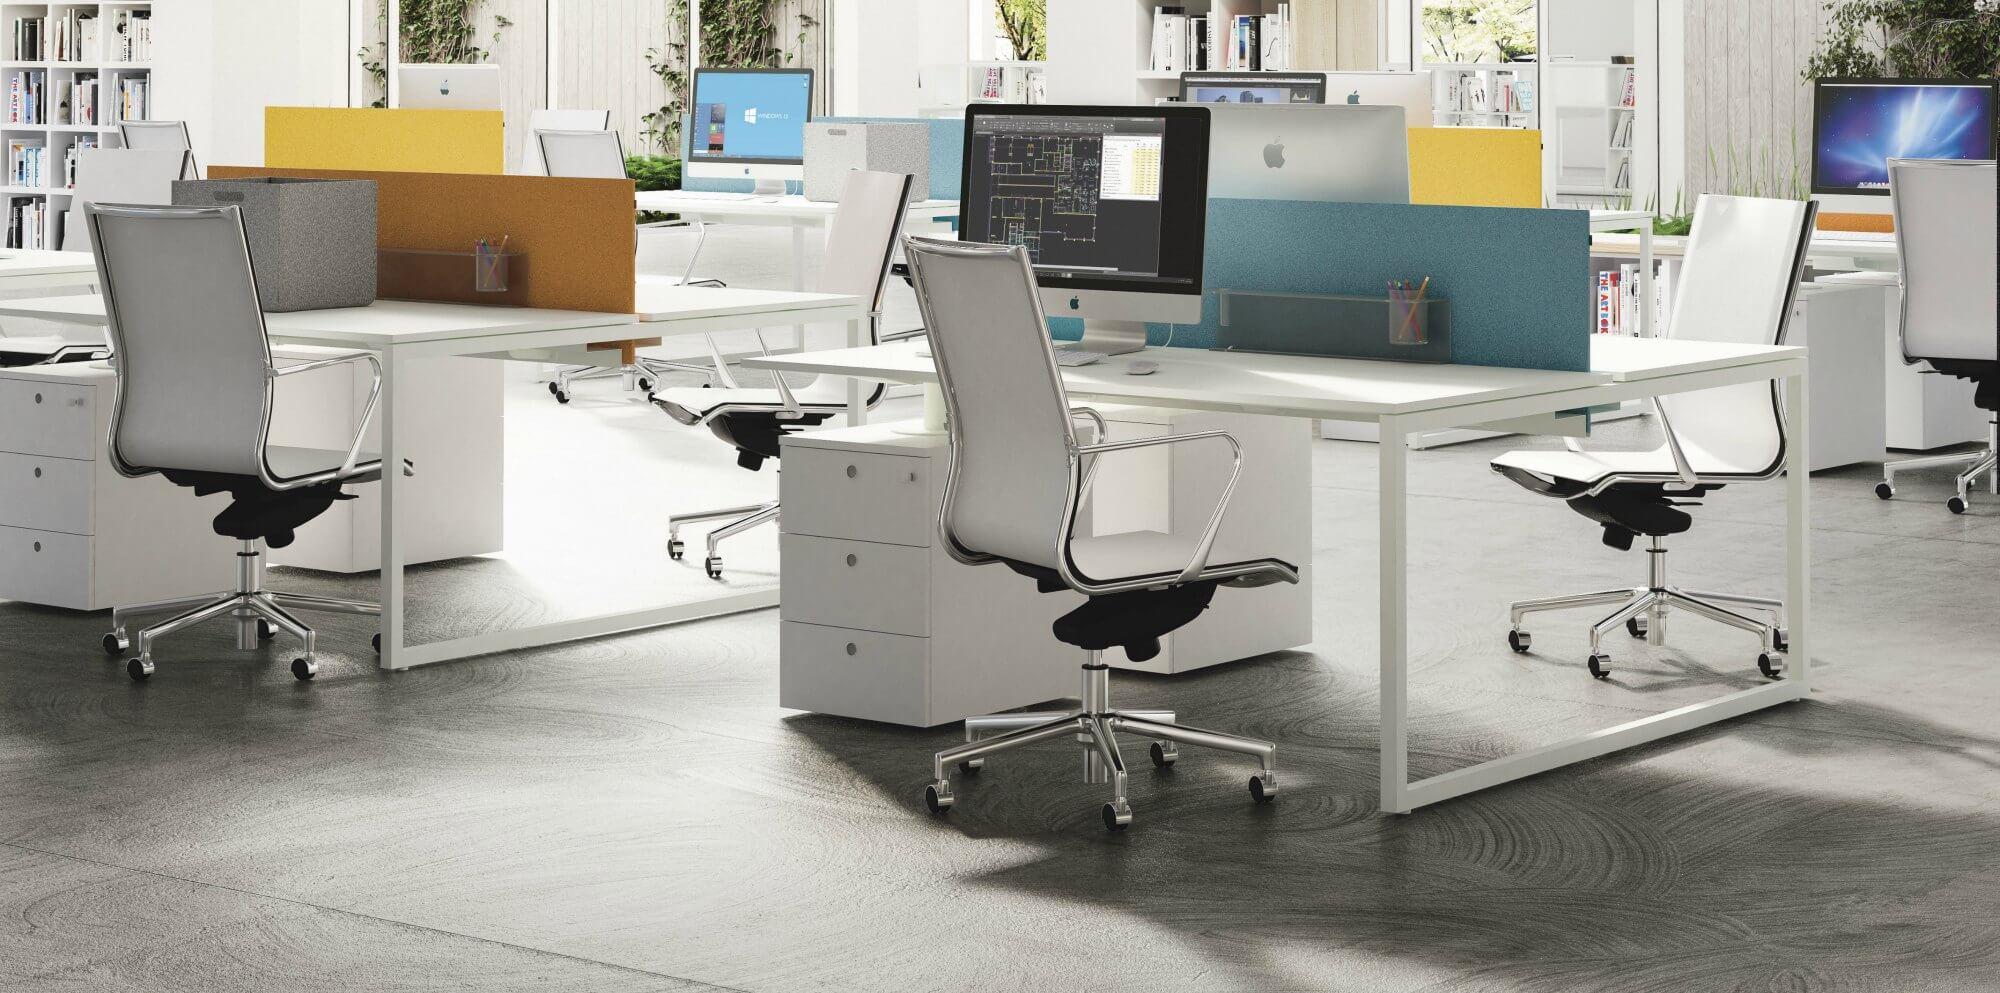 mobiliario de oficina barcelona adeyaka bcn2 adeyaka bcn